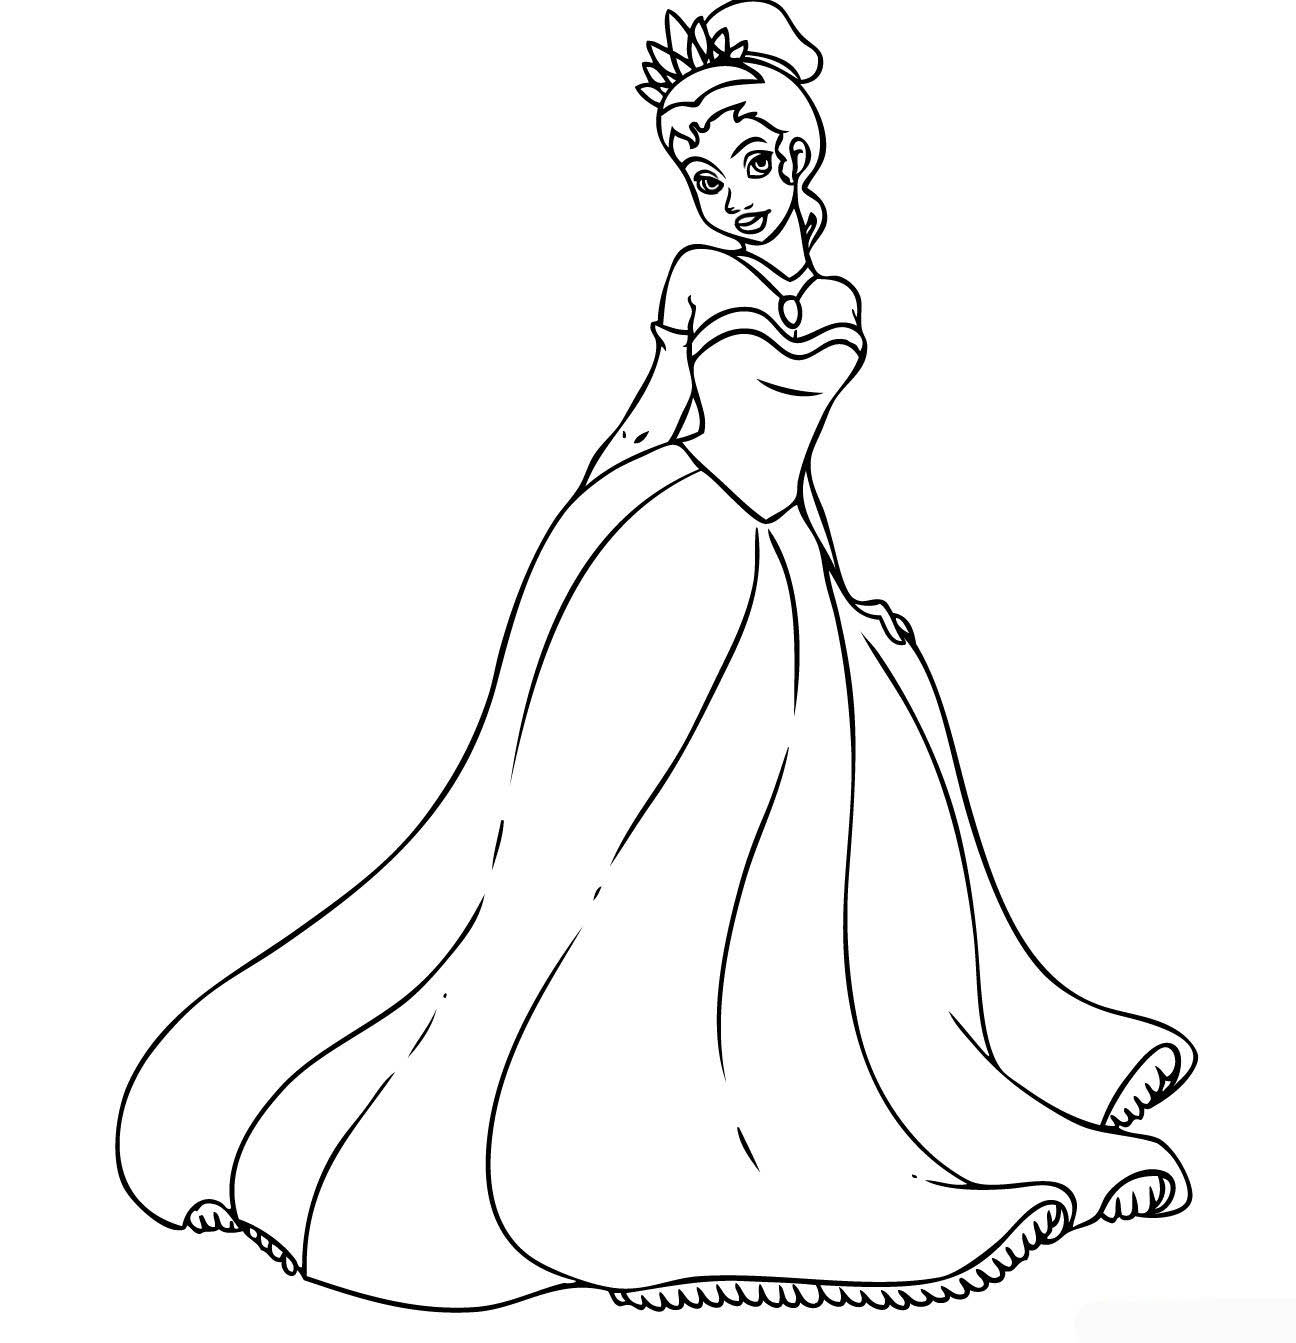 Disney Princess Disney Princess Tiana Coloring Pages To Girls